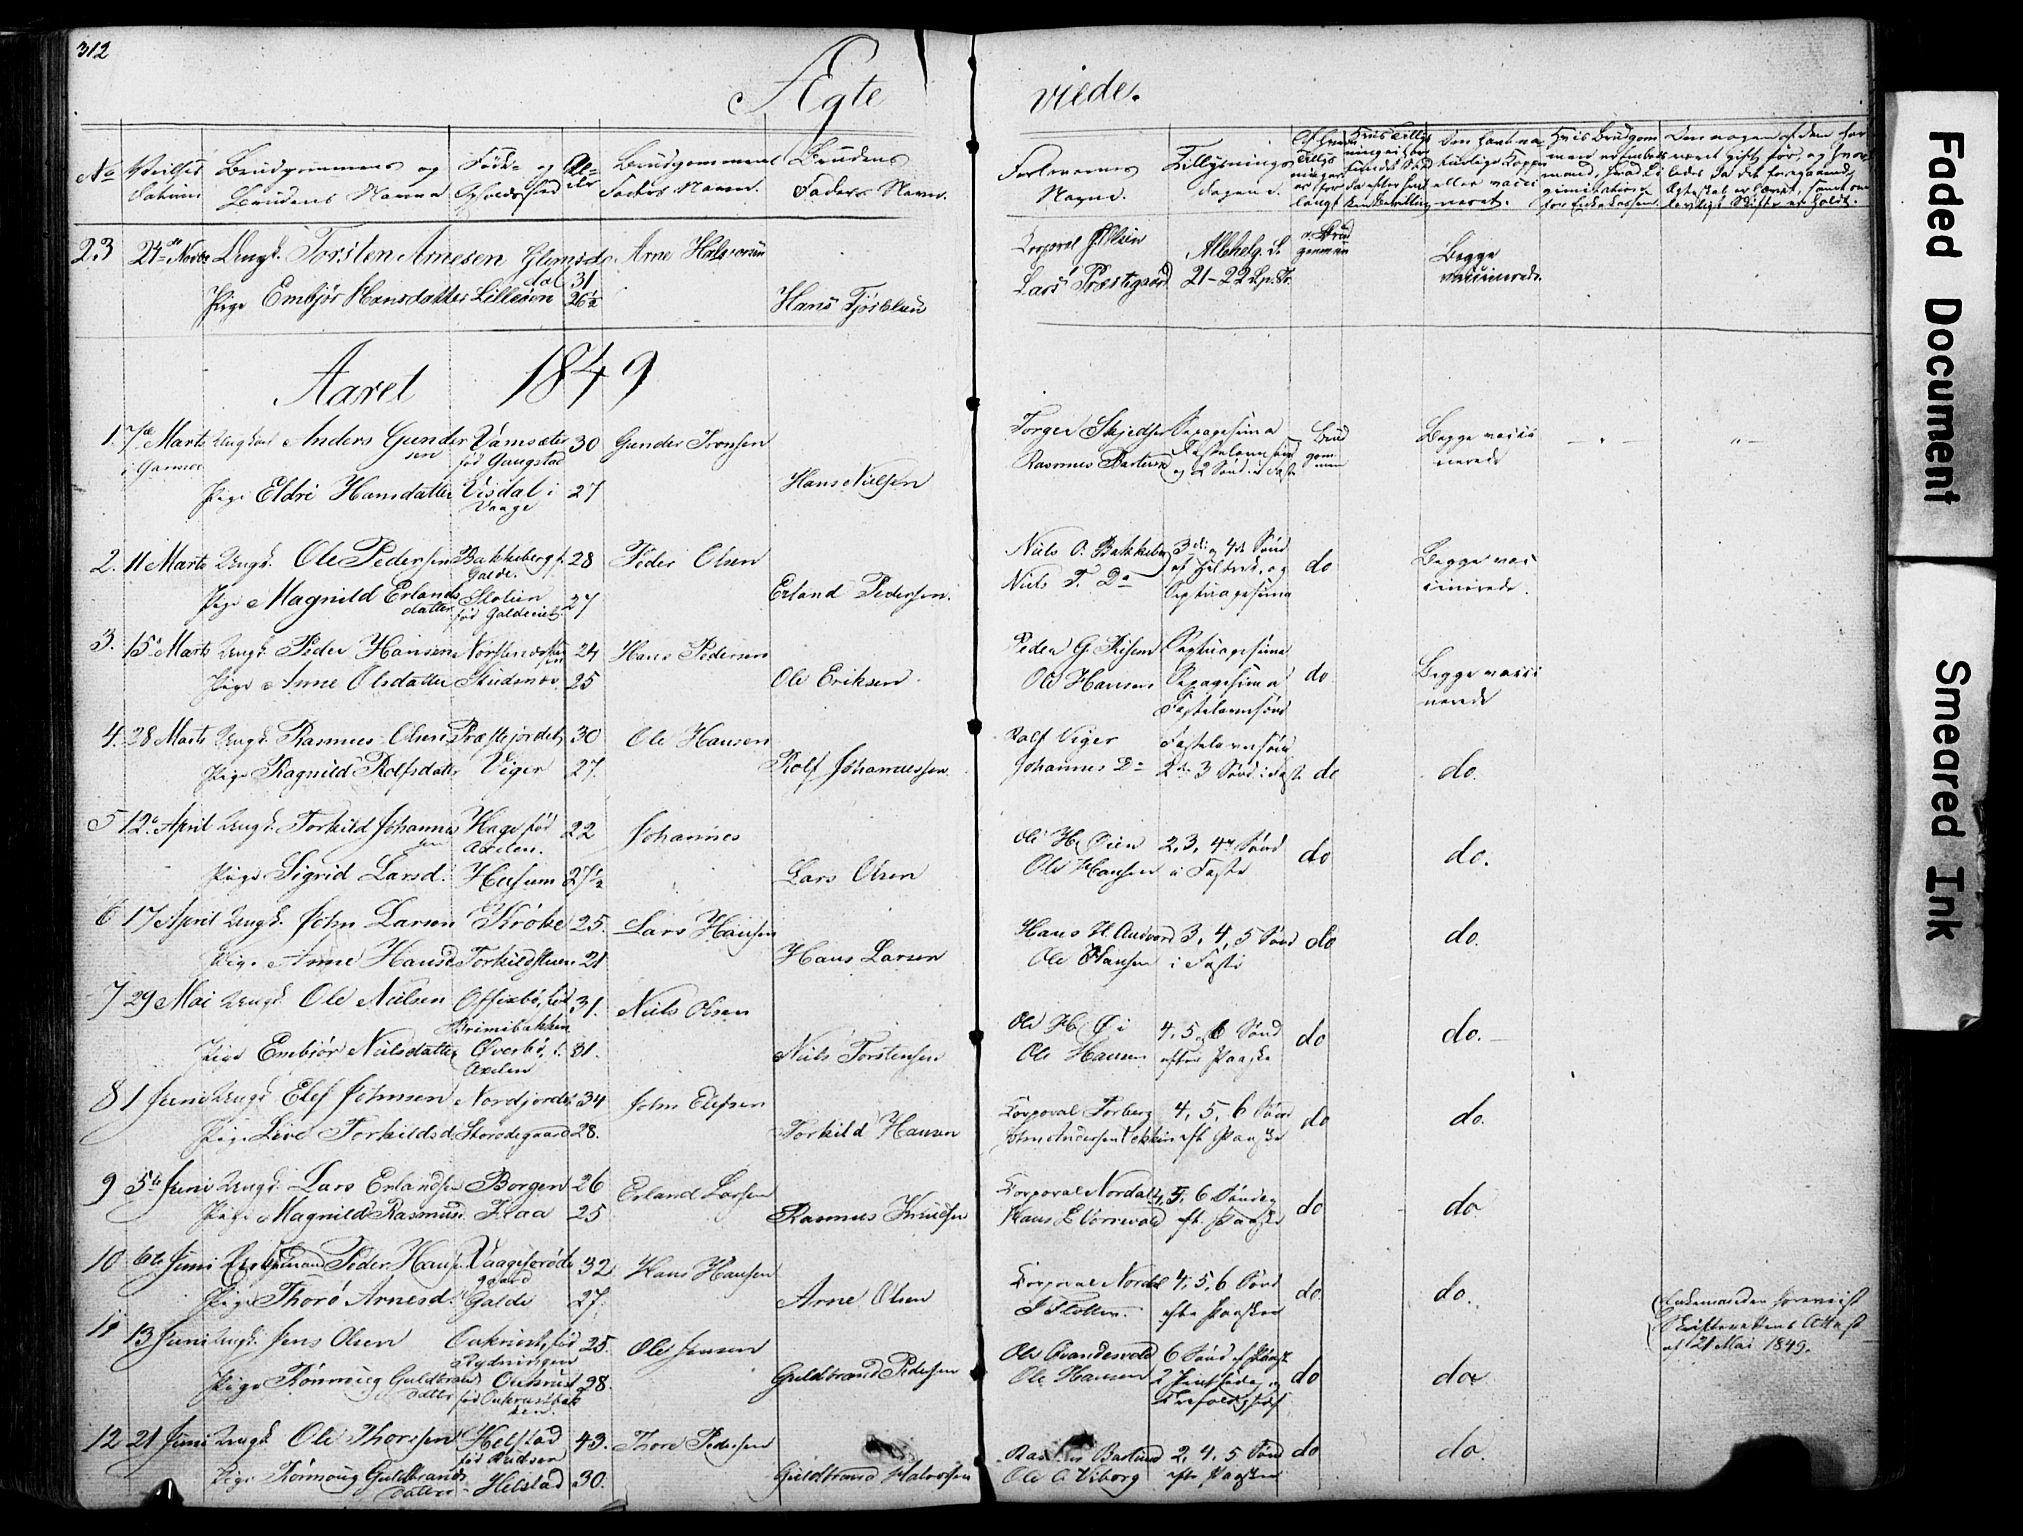 SAH, Lom prestekontor, L/L0012: Klokkerbok nr. 12, 1845-1873, s. 312-313